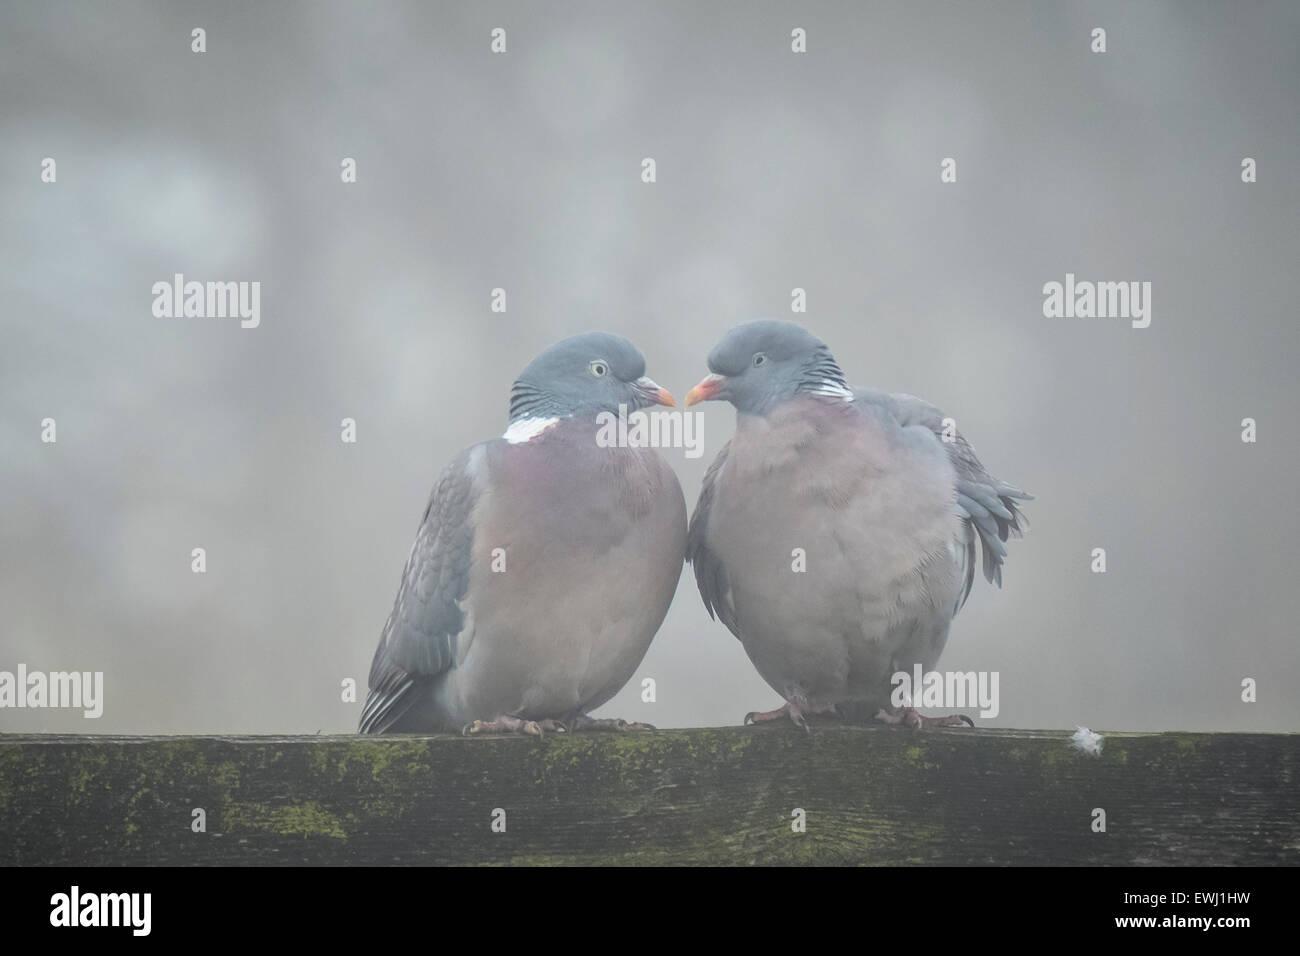 Deux colombes flirter dans un environnement froid et gris, ils constituent la forme d'un coeur Photo Stock